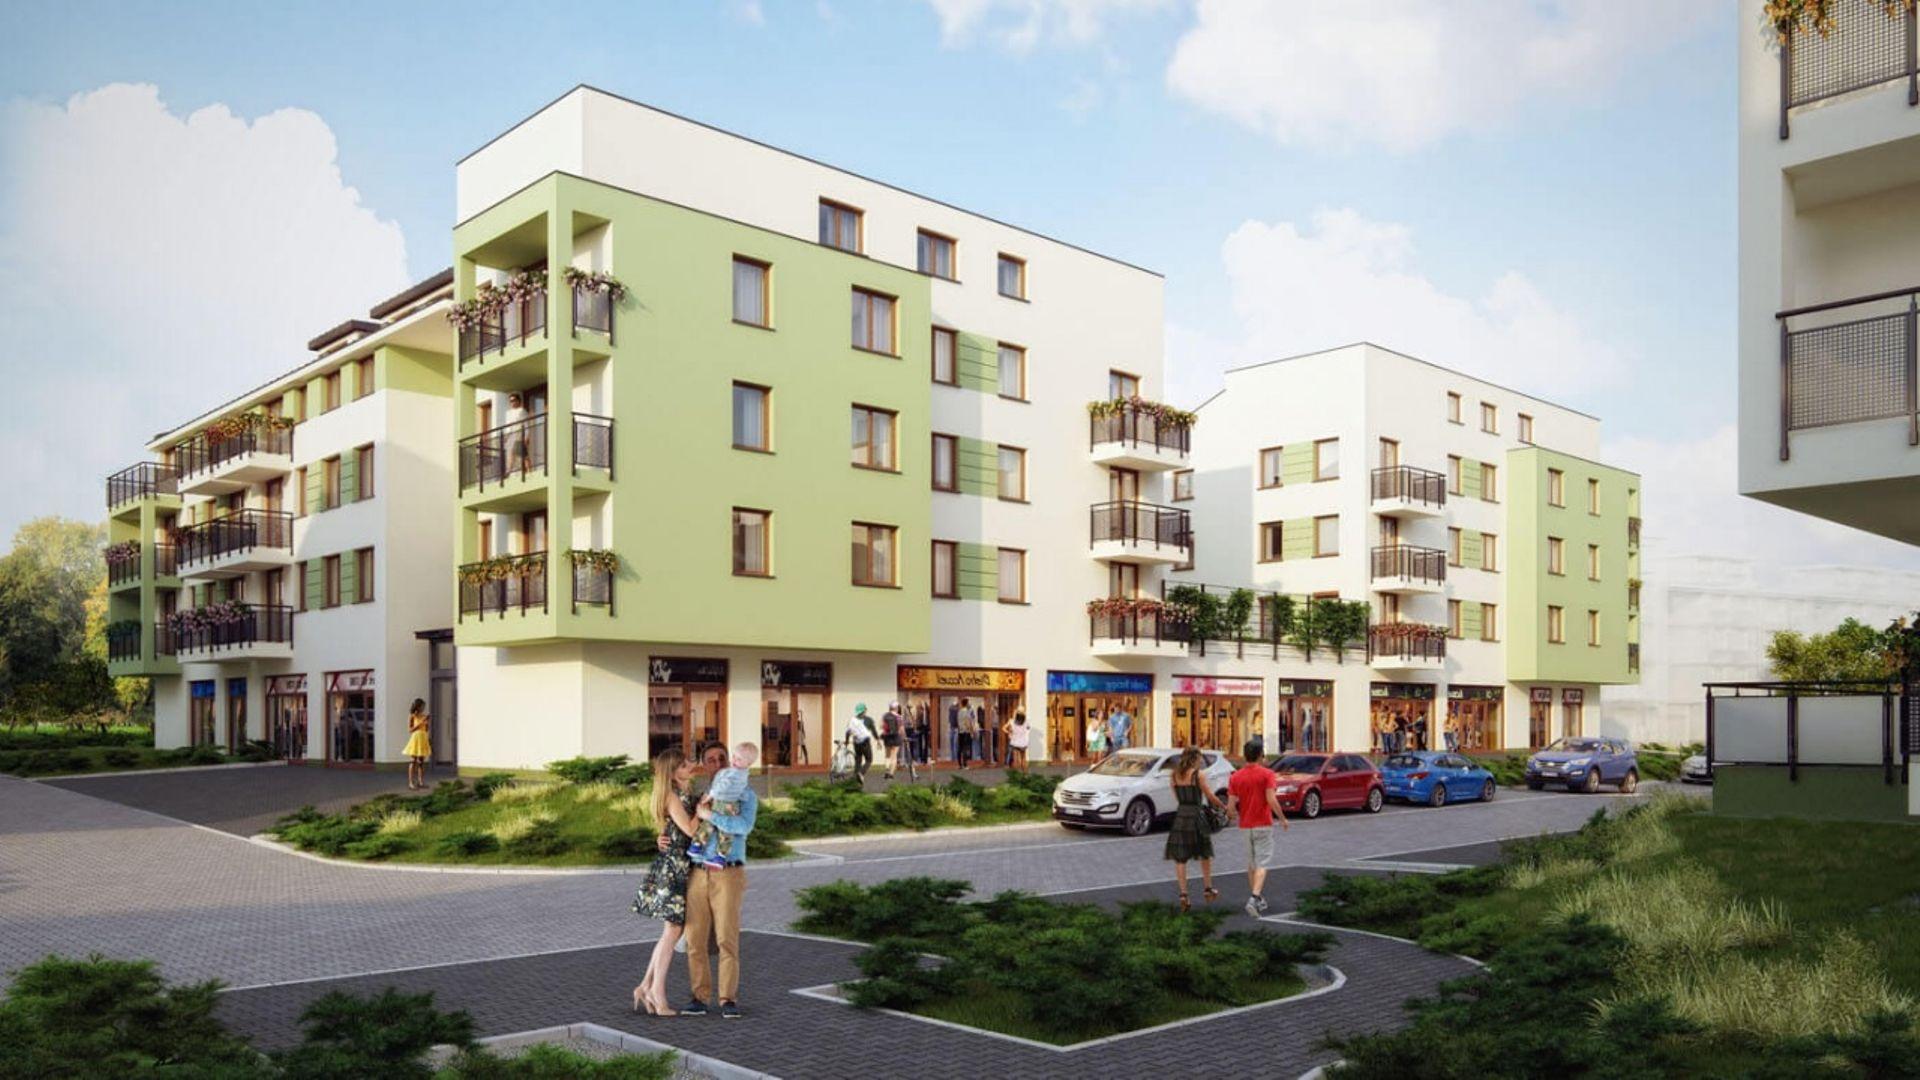 Develia zakończyła budowę IX etapu osiedla Słoneczne Miasteczko w Krakowie i wprowadziła do oferty kolejne mieszkania